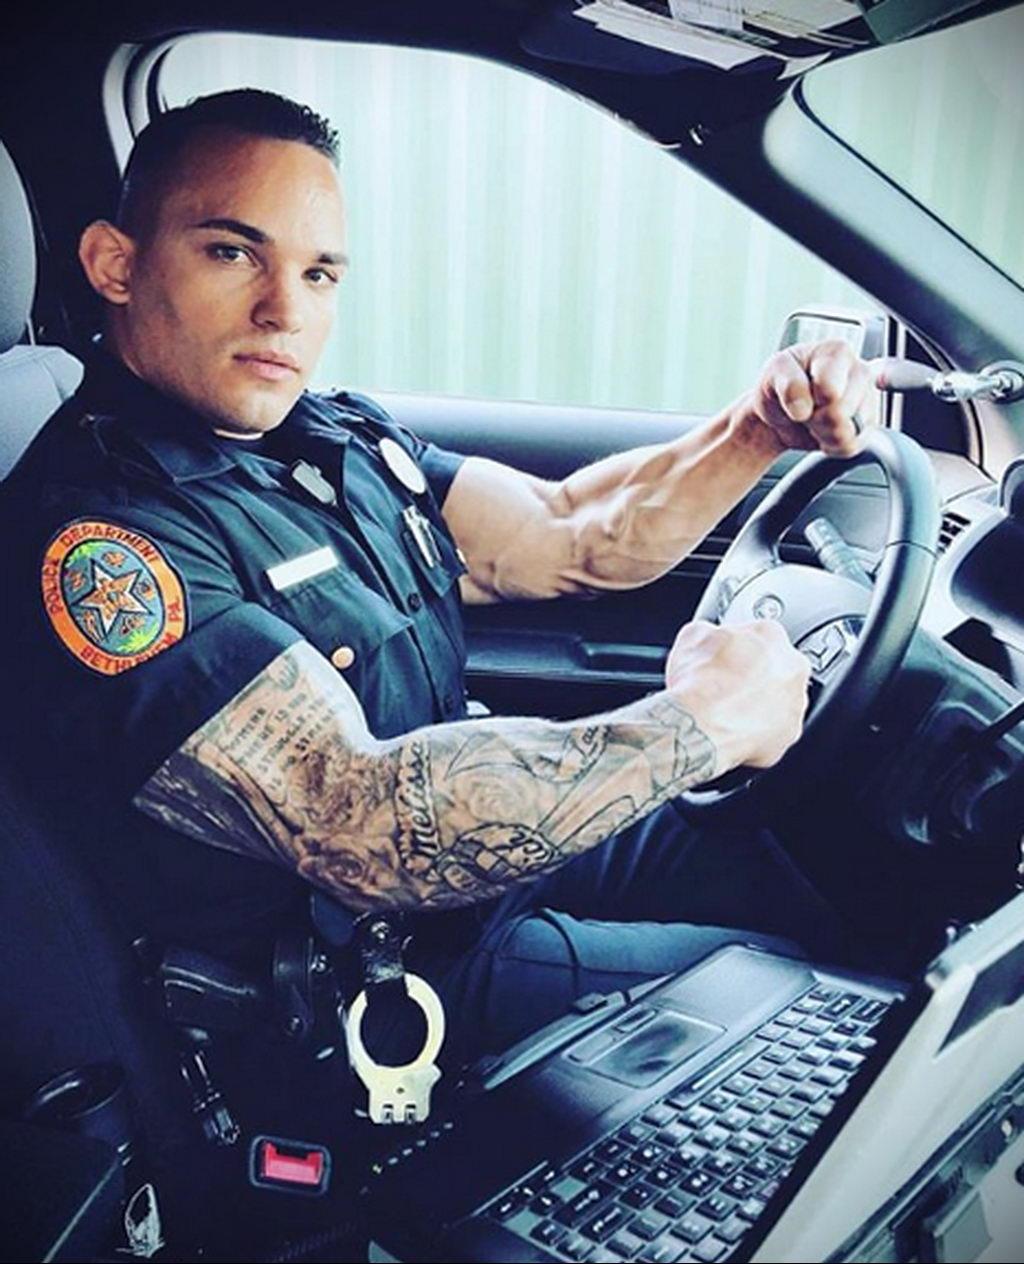 Фото действующего сотрудника полиции в форме с татуировками на теле для tatufoto.com 88